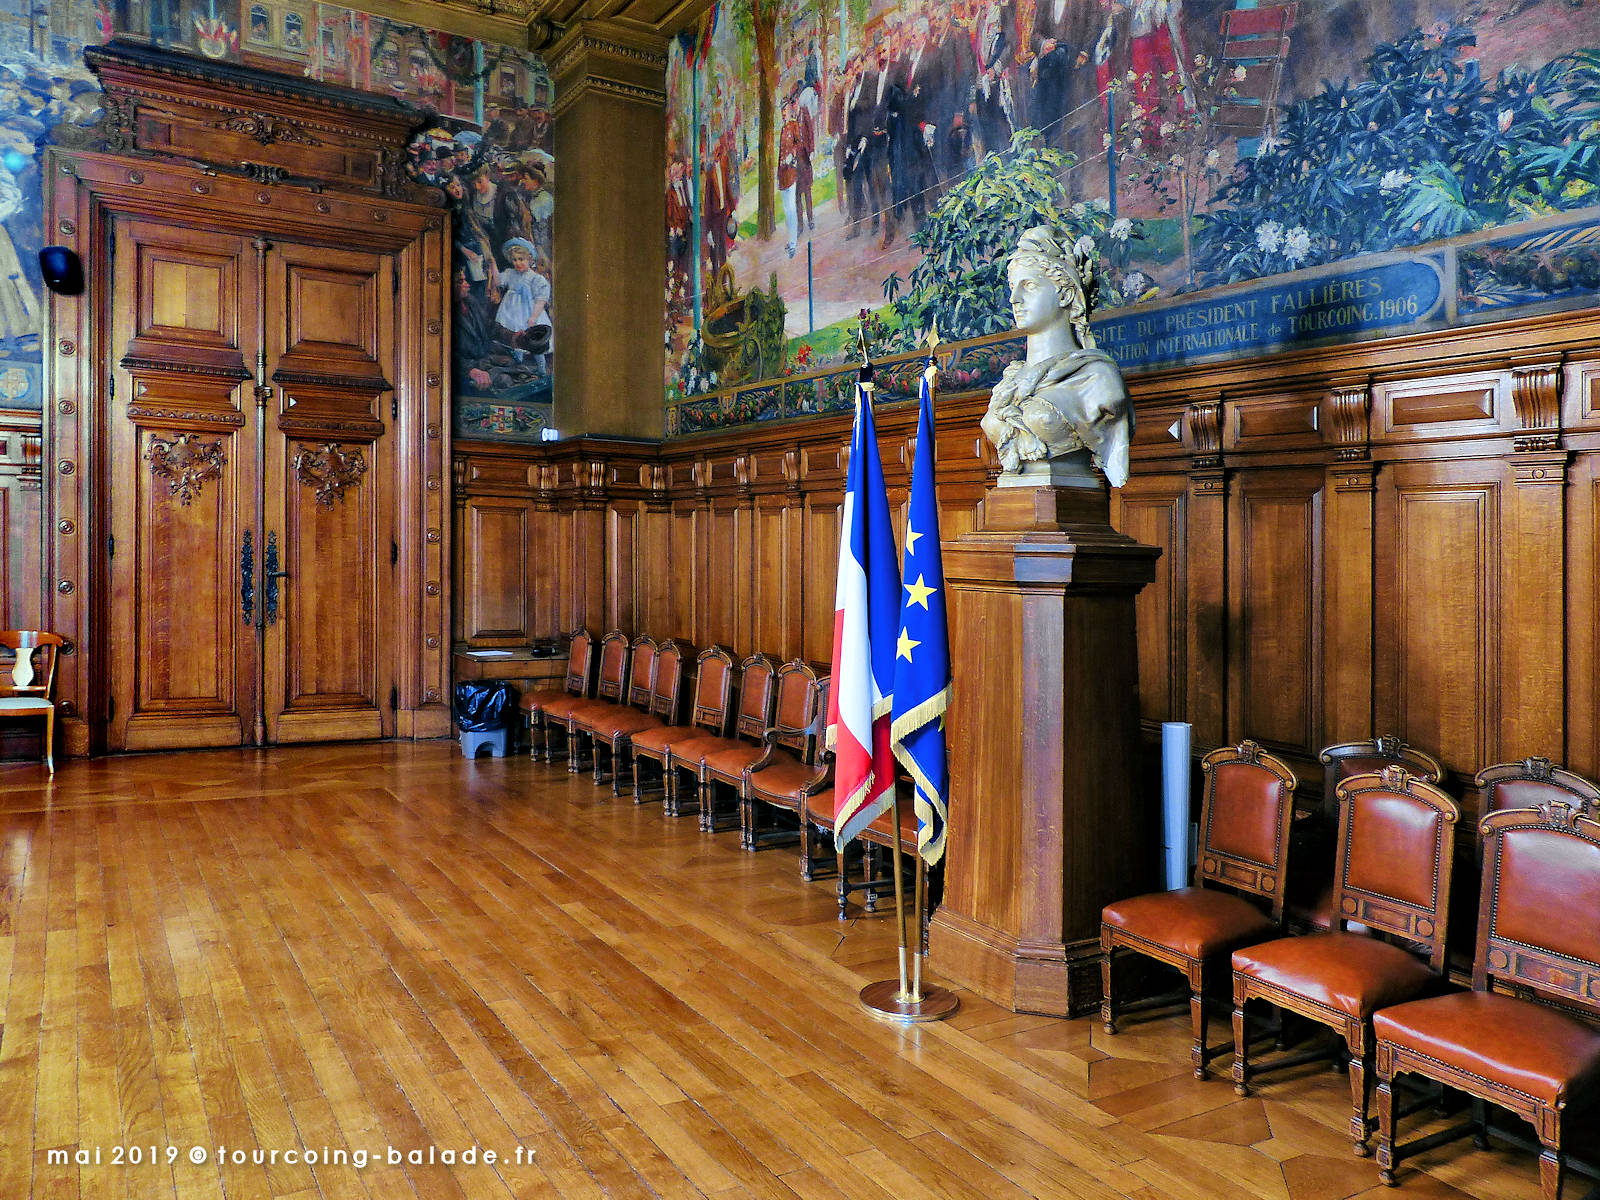 Mairie de Tourcoing, Salle du Conseil Municipal, 2019